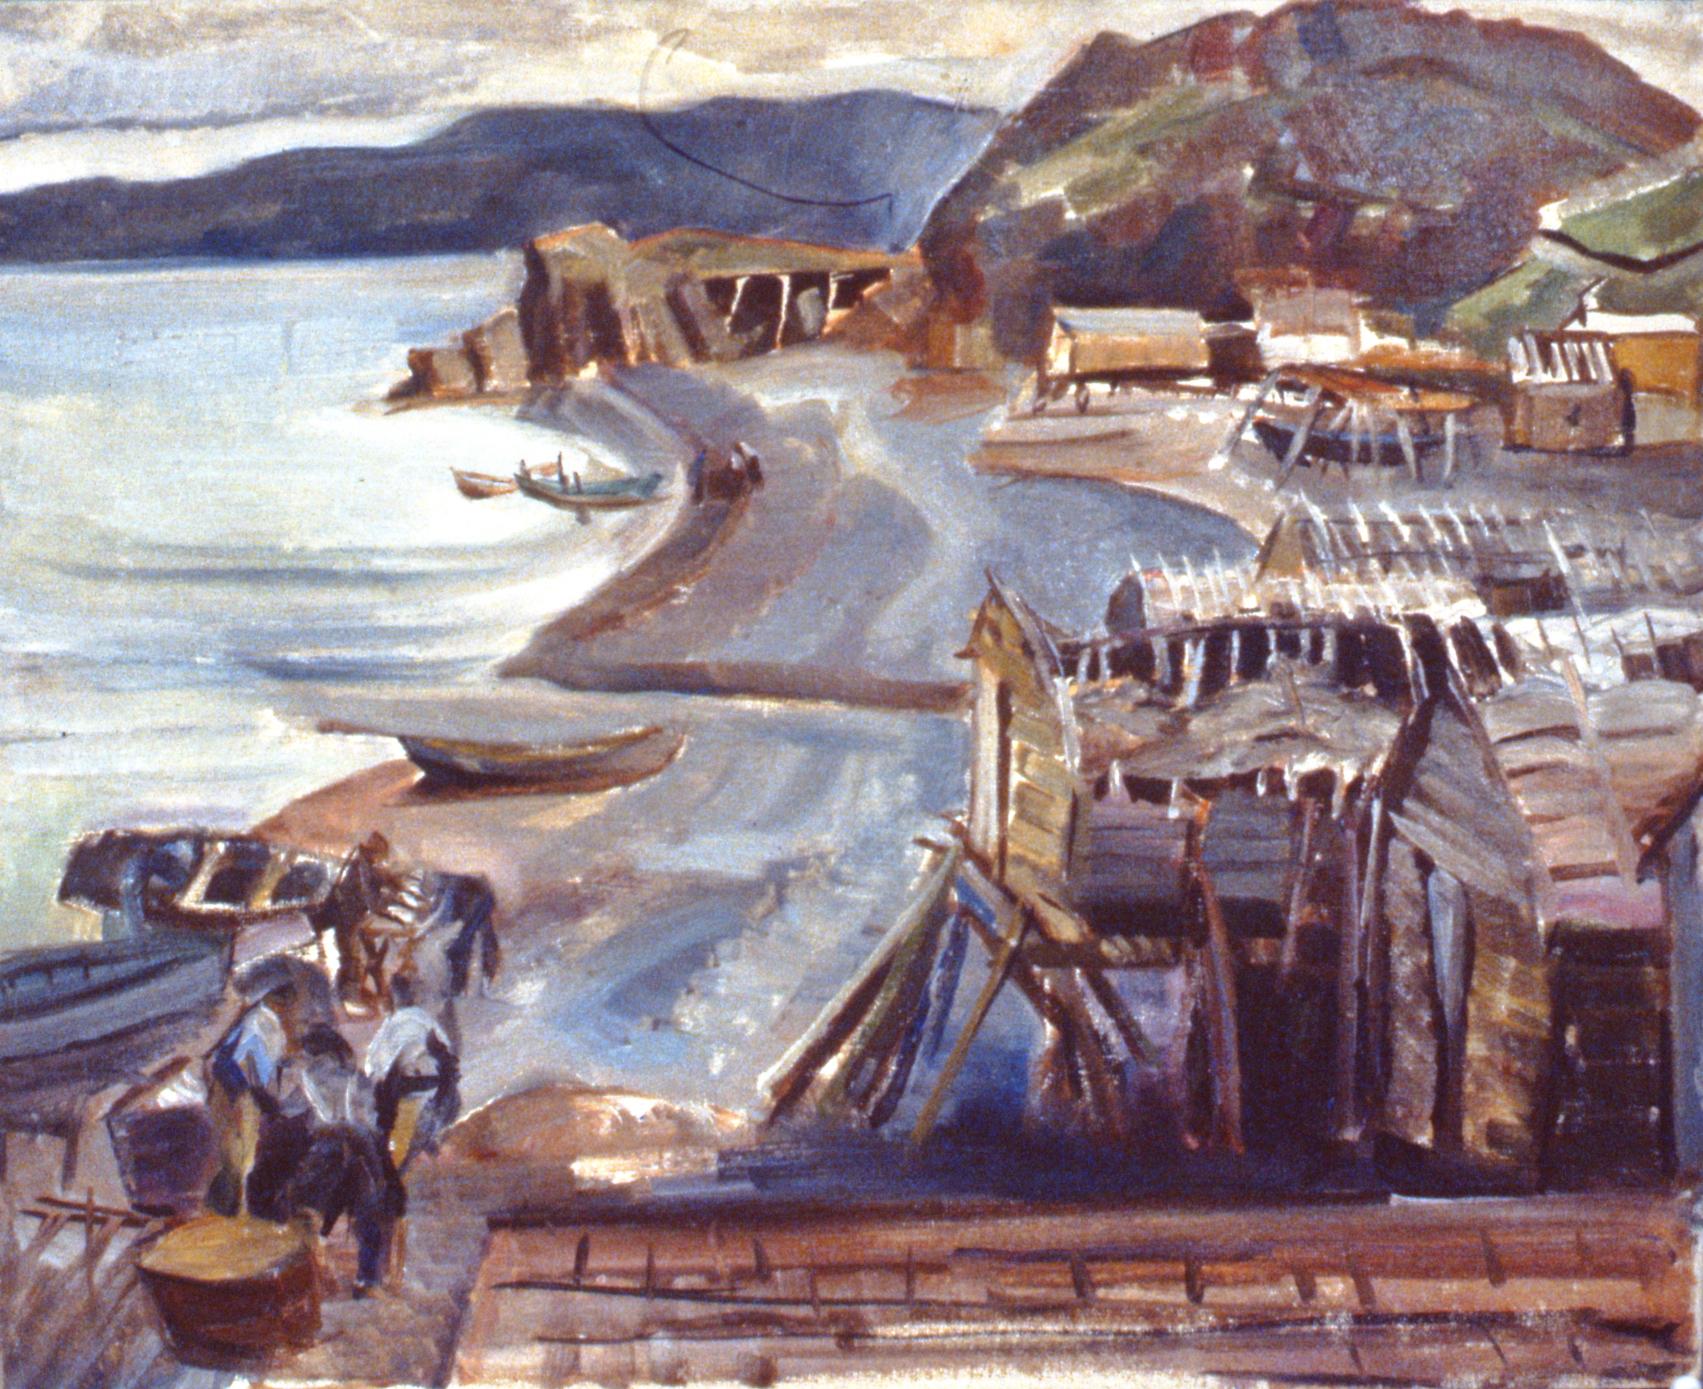 Newfoundland Fishing Village, 1953